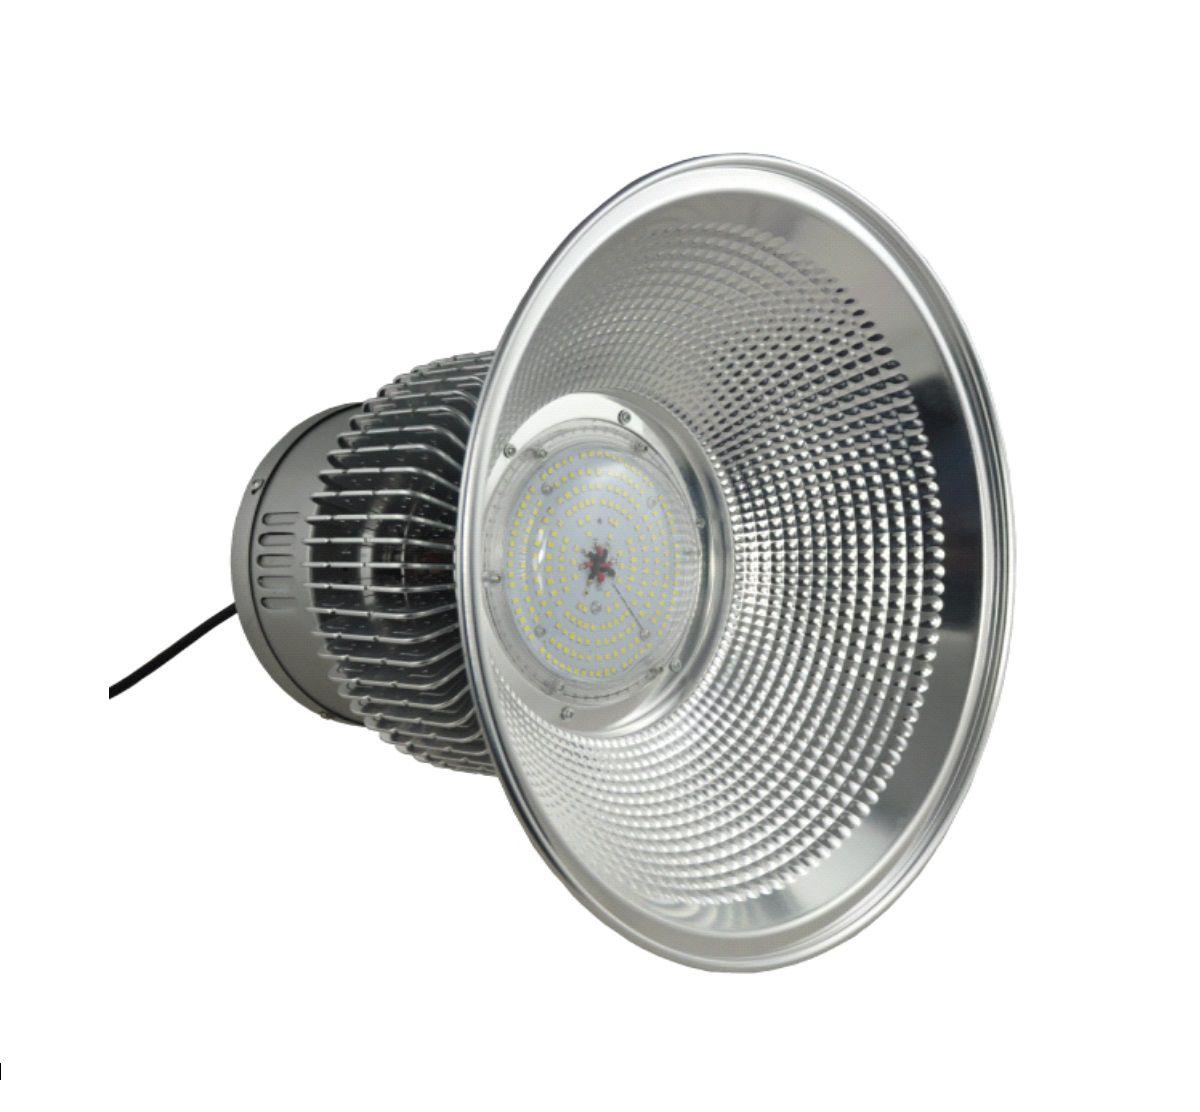 Luminária Industrial High Bay 150W SMD BIVOLT - BRANCO FRIO 6500K PEÇA UNICA